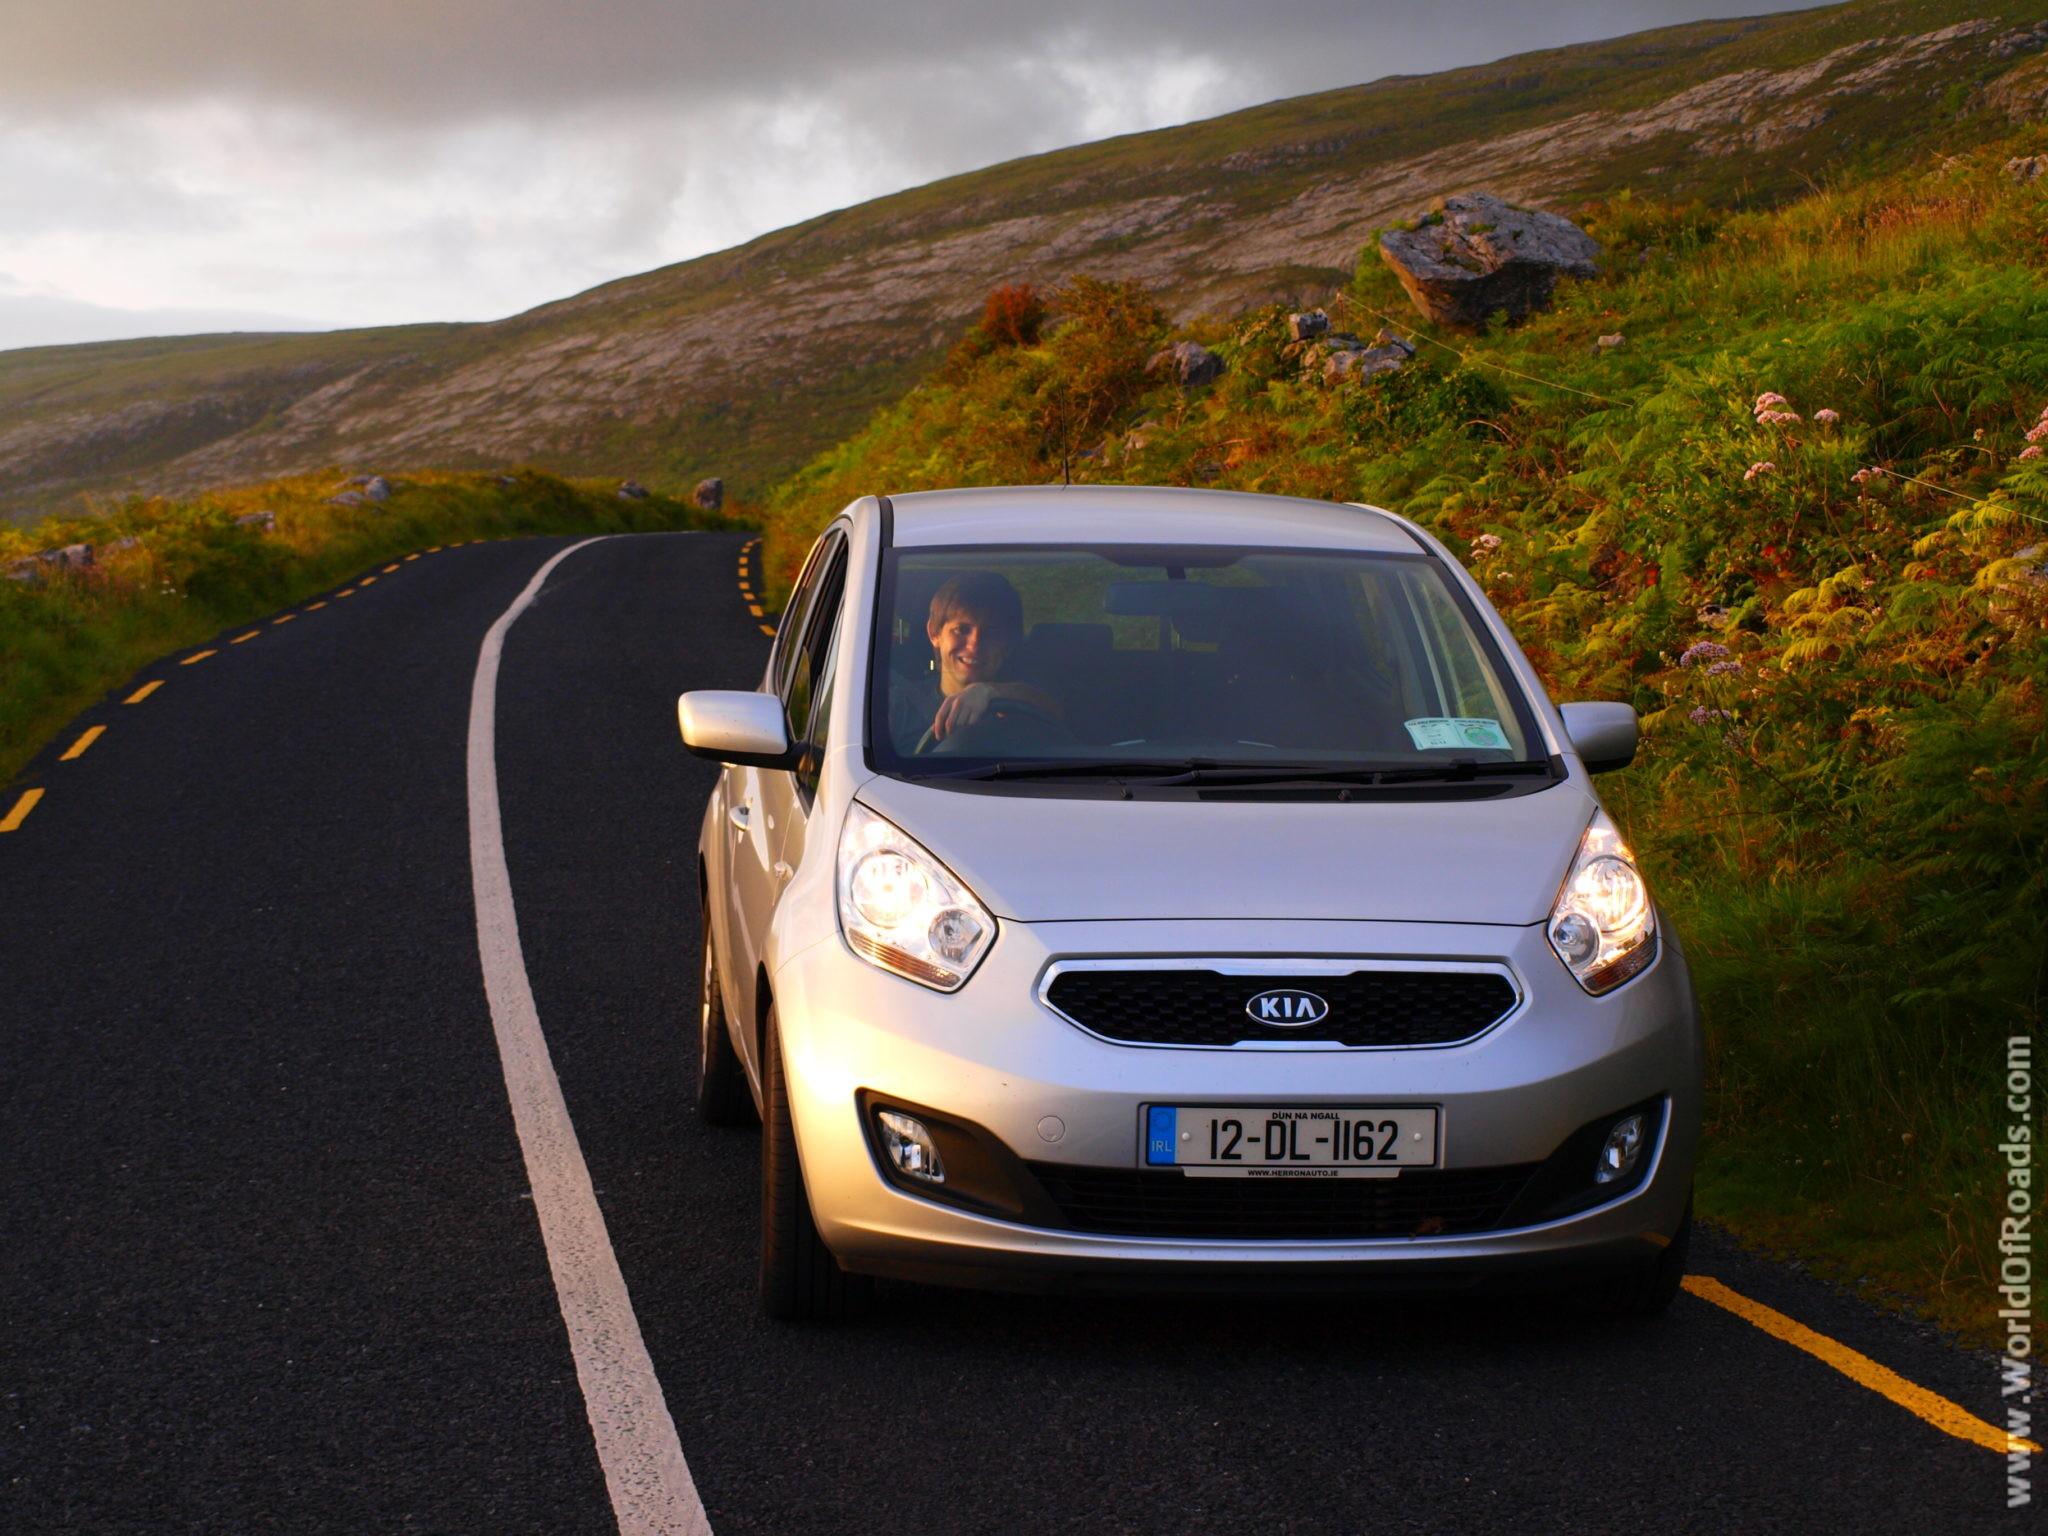 Дорога вдоль океана. Ирландия.